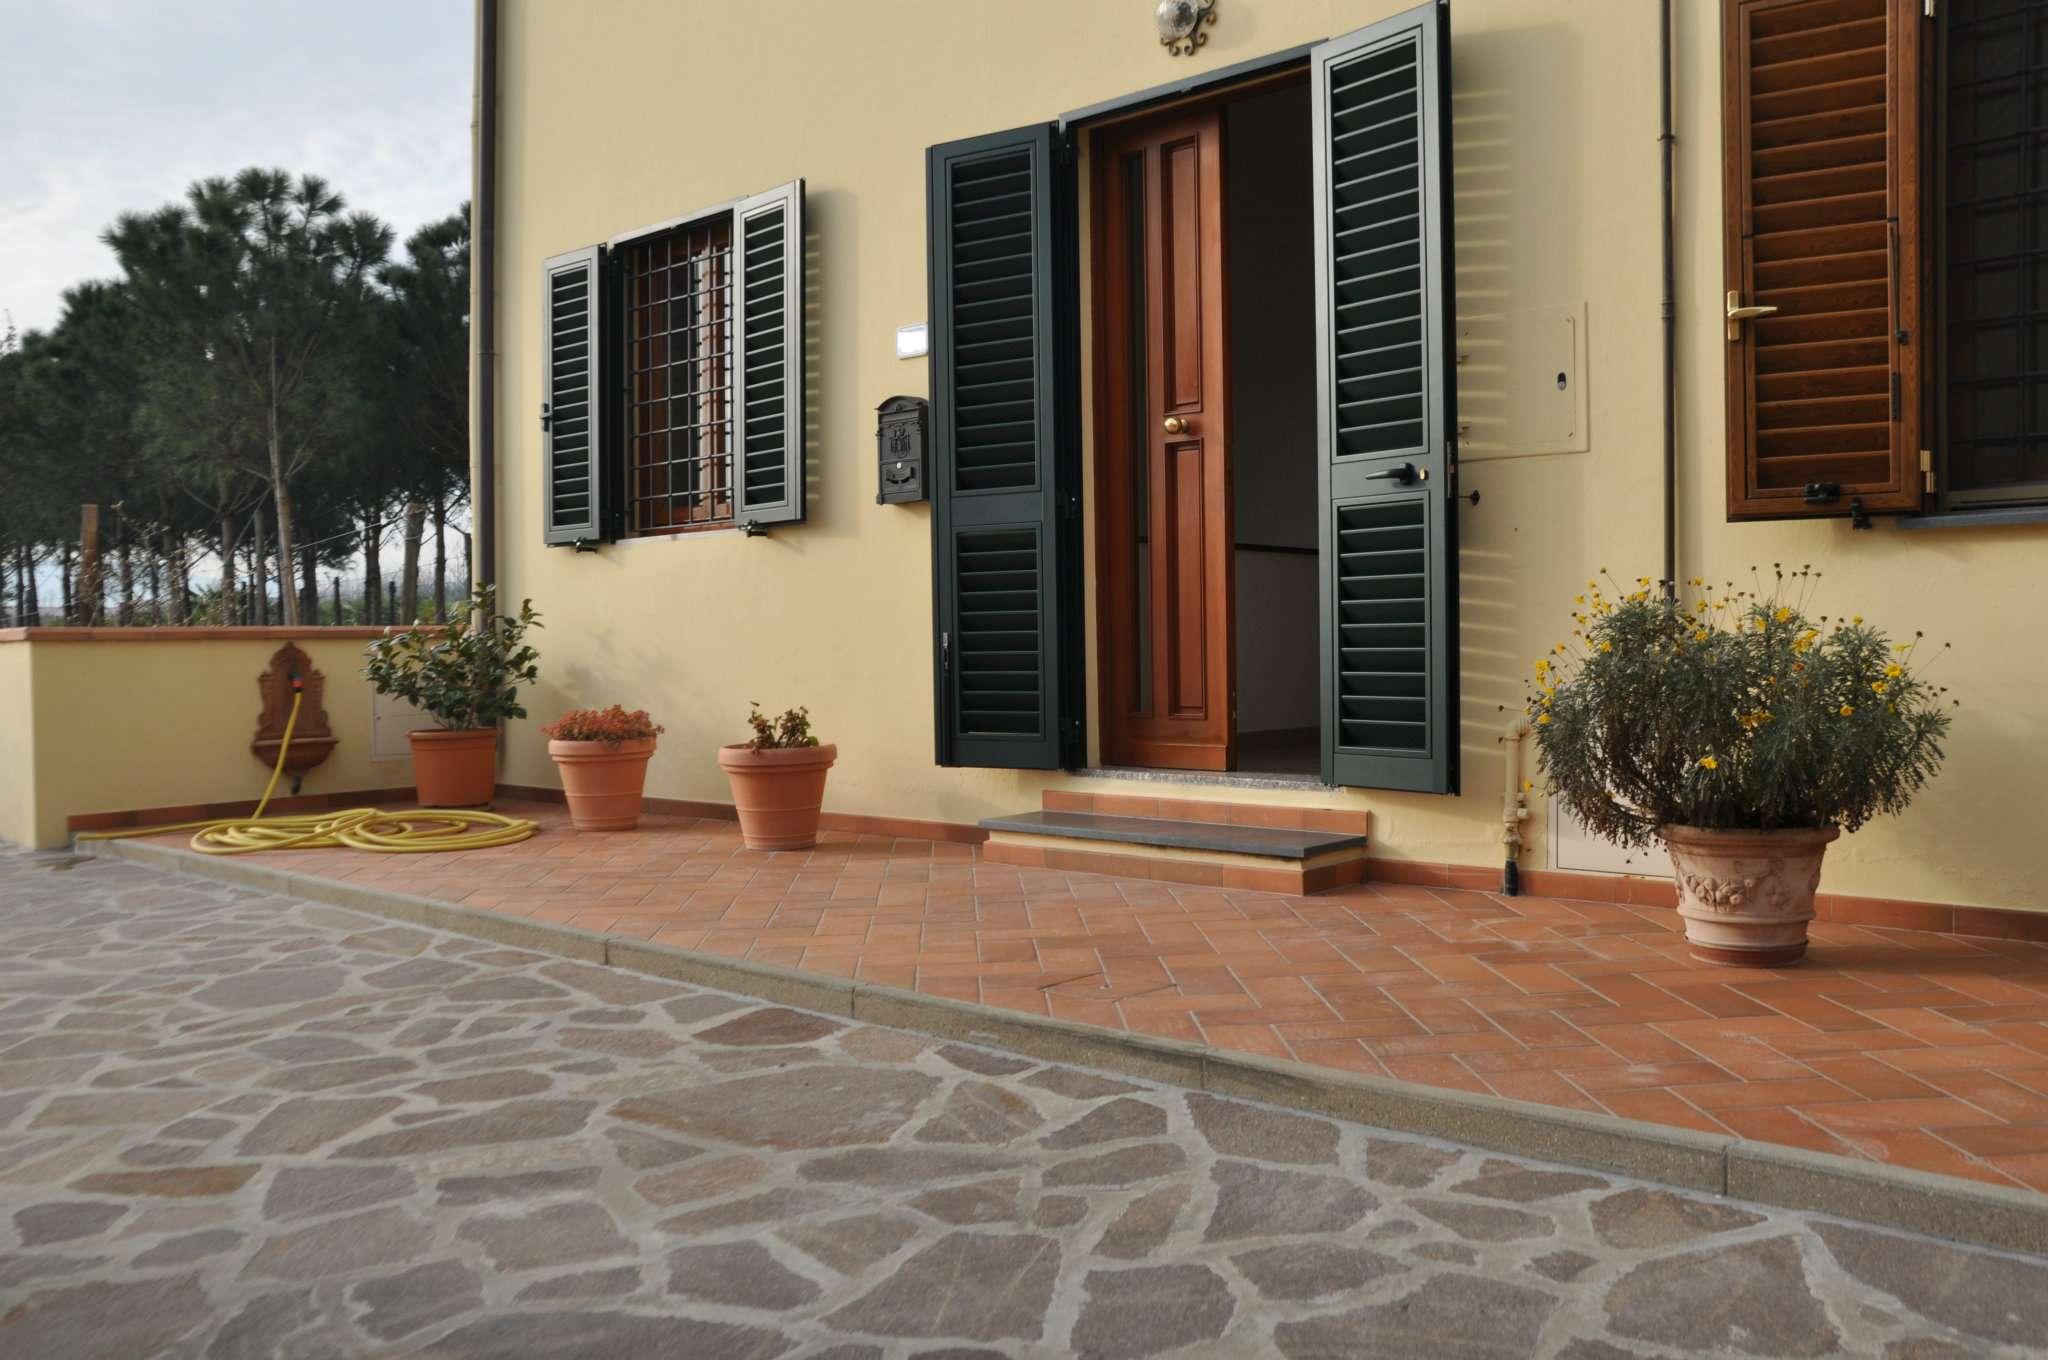 Palazzo / Stabile in affitto a Pistoia, 5 locali, prezzo € 550 | Cambio Casa.it